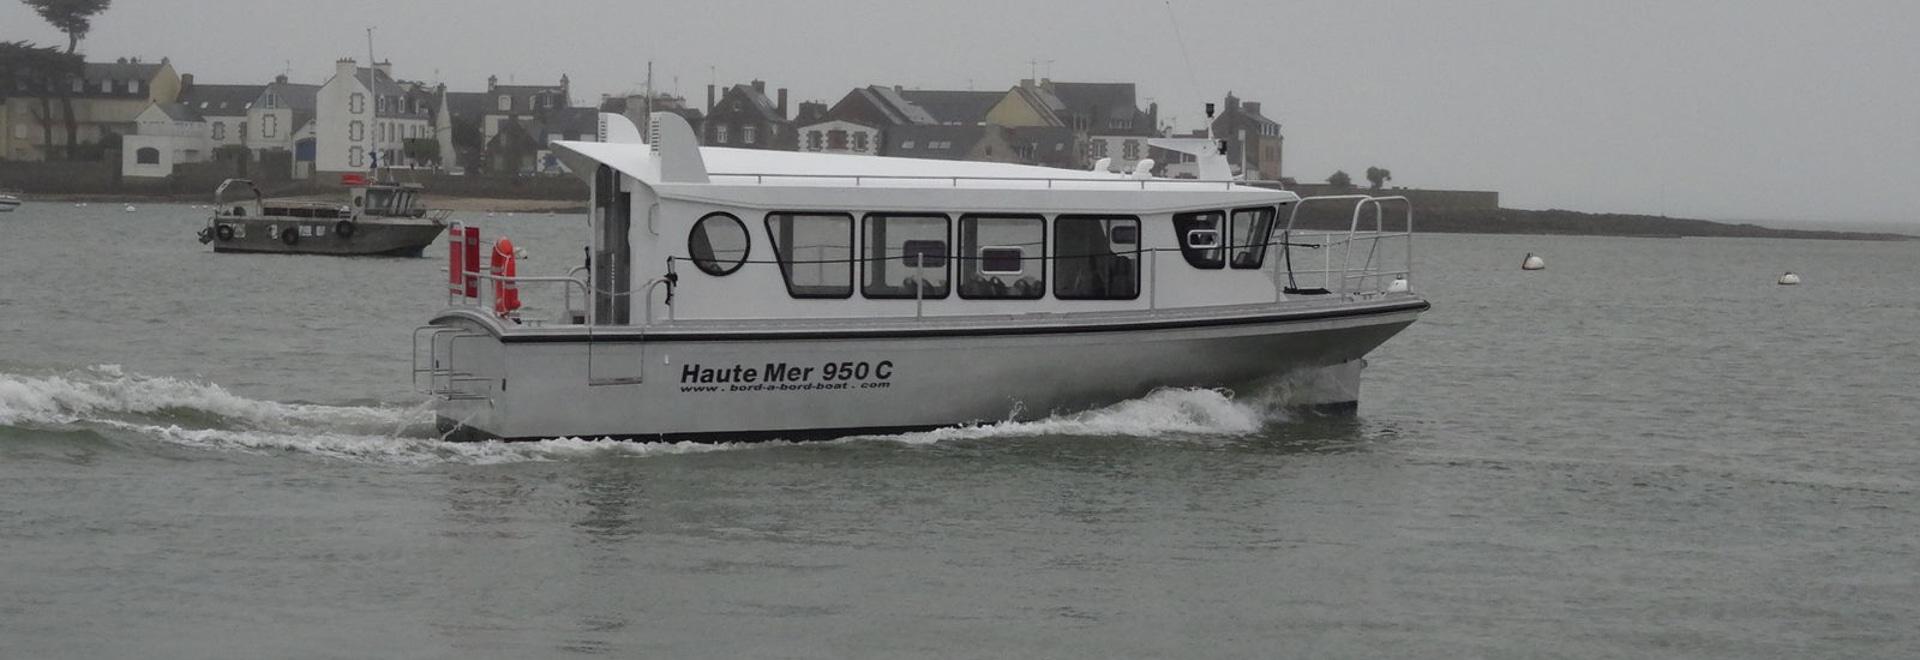 NUOVO: barca facente un giro turistico interna da BORD A BORD